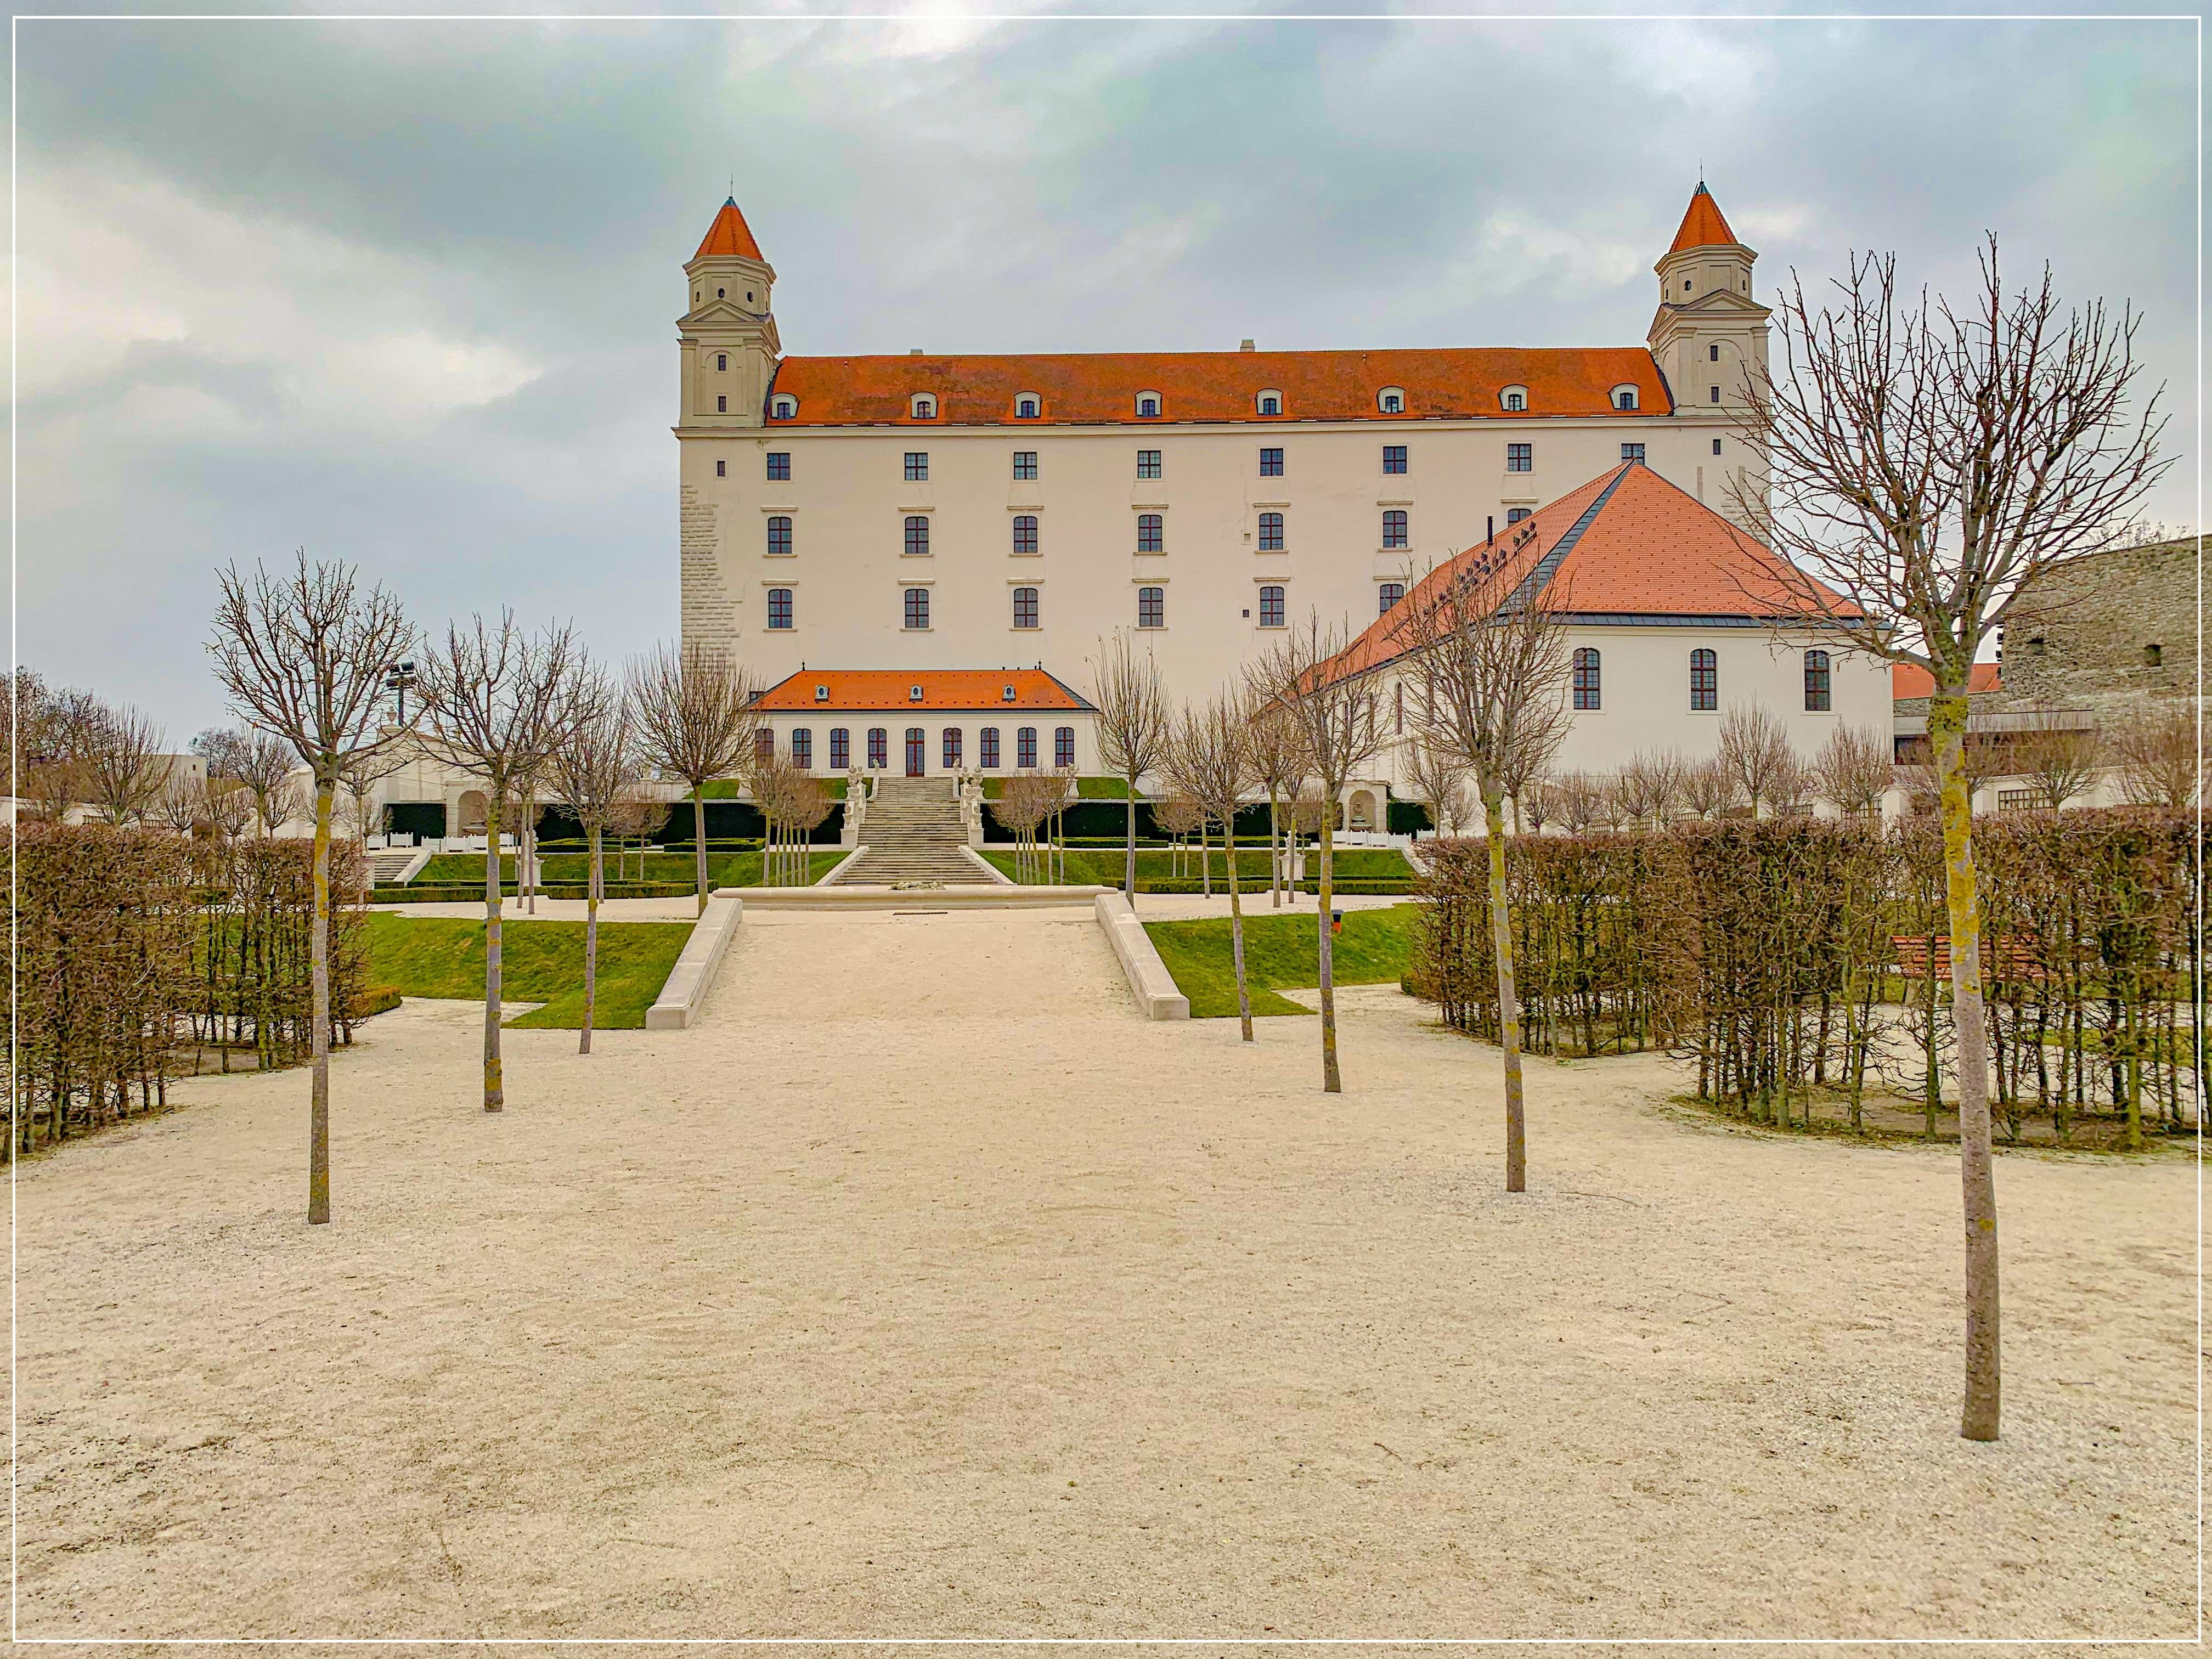 Vzahy_Bratislavsky hrad_3_jpg